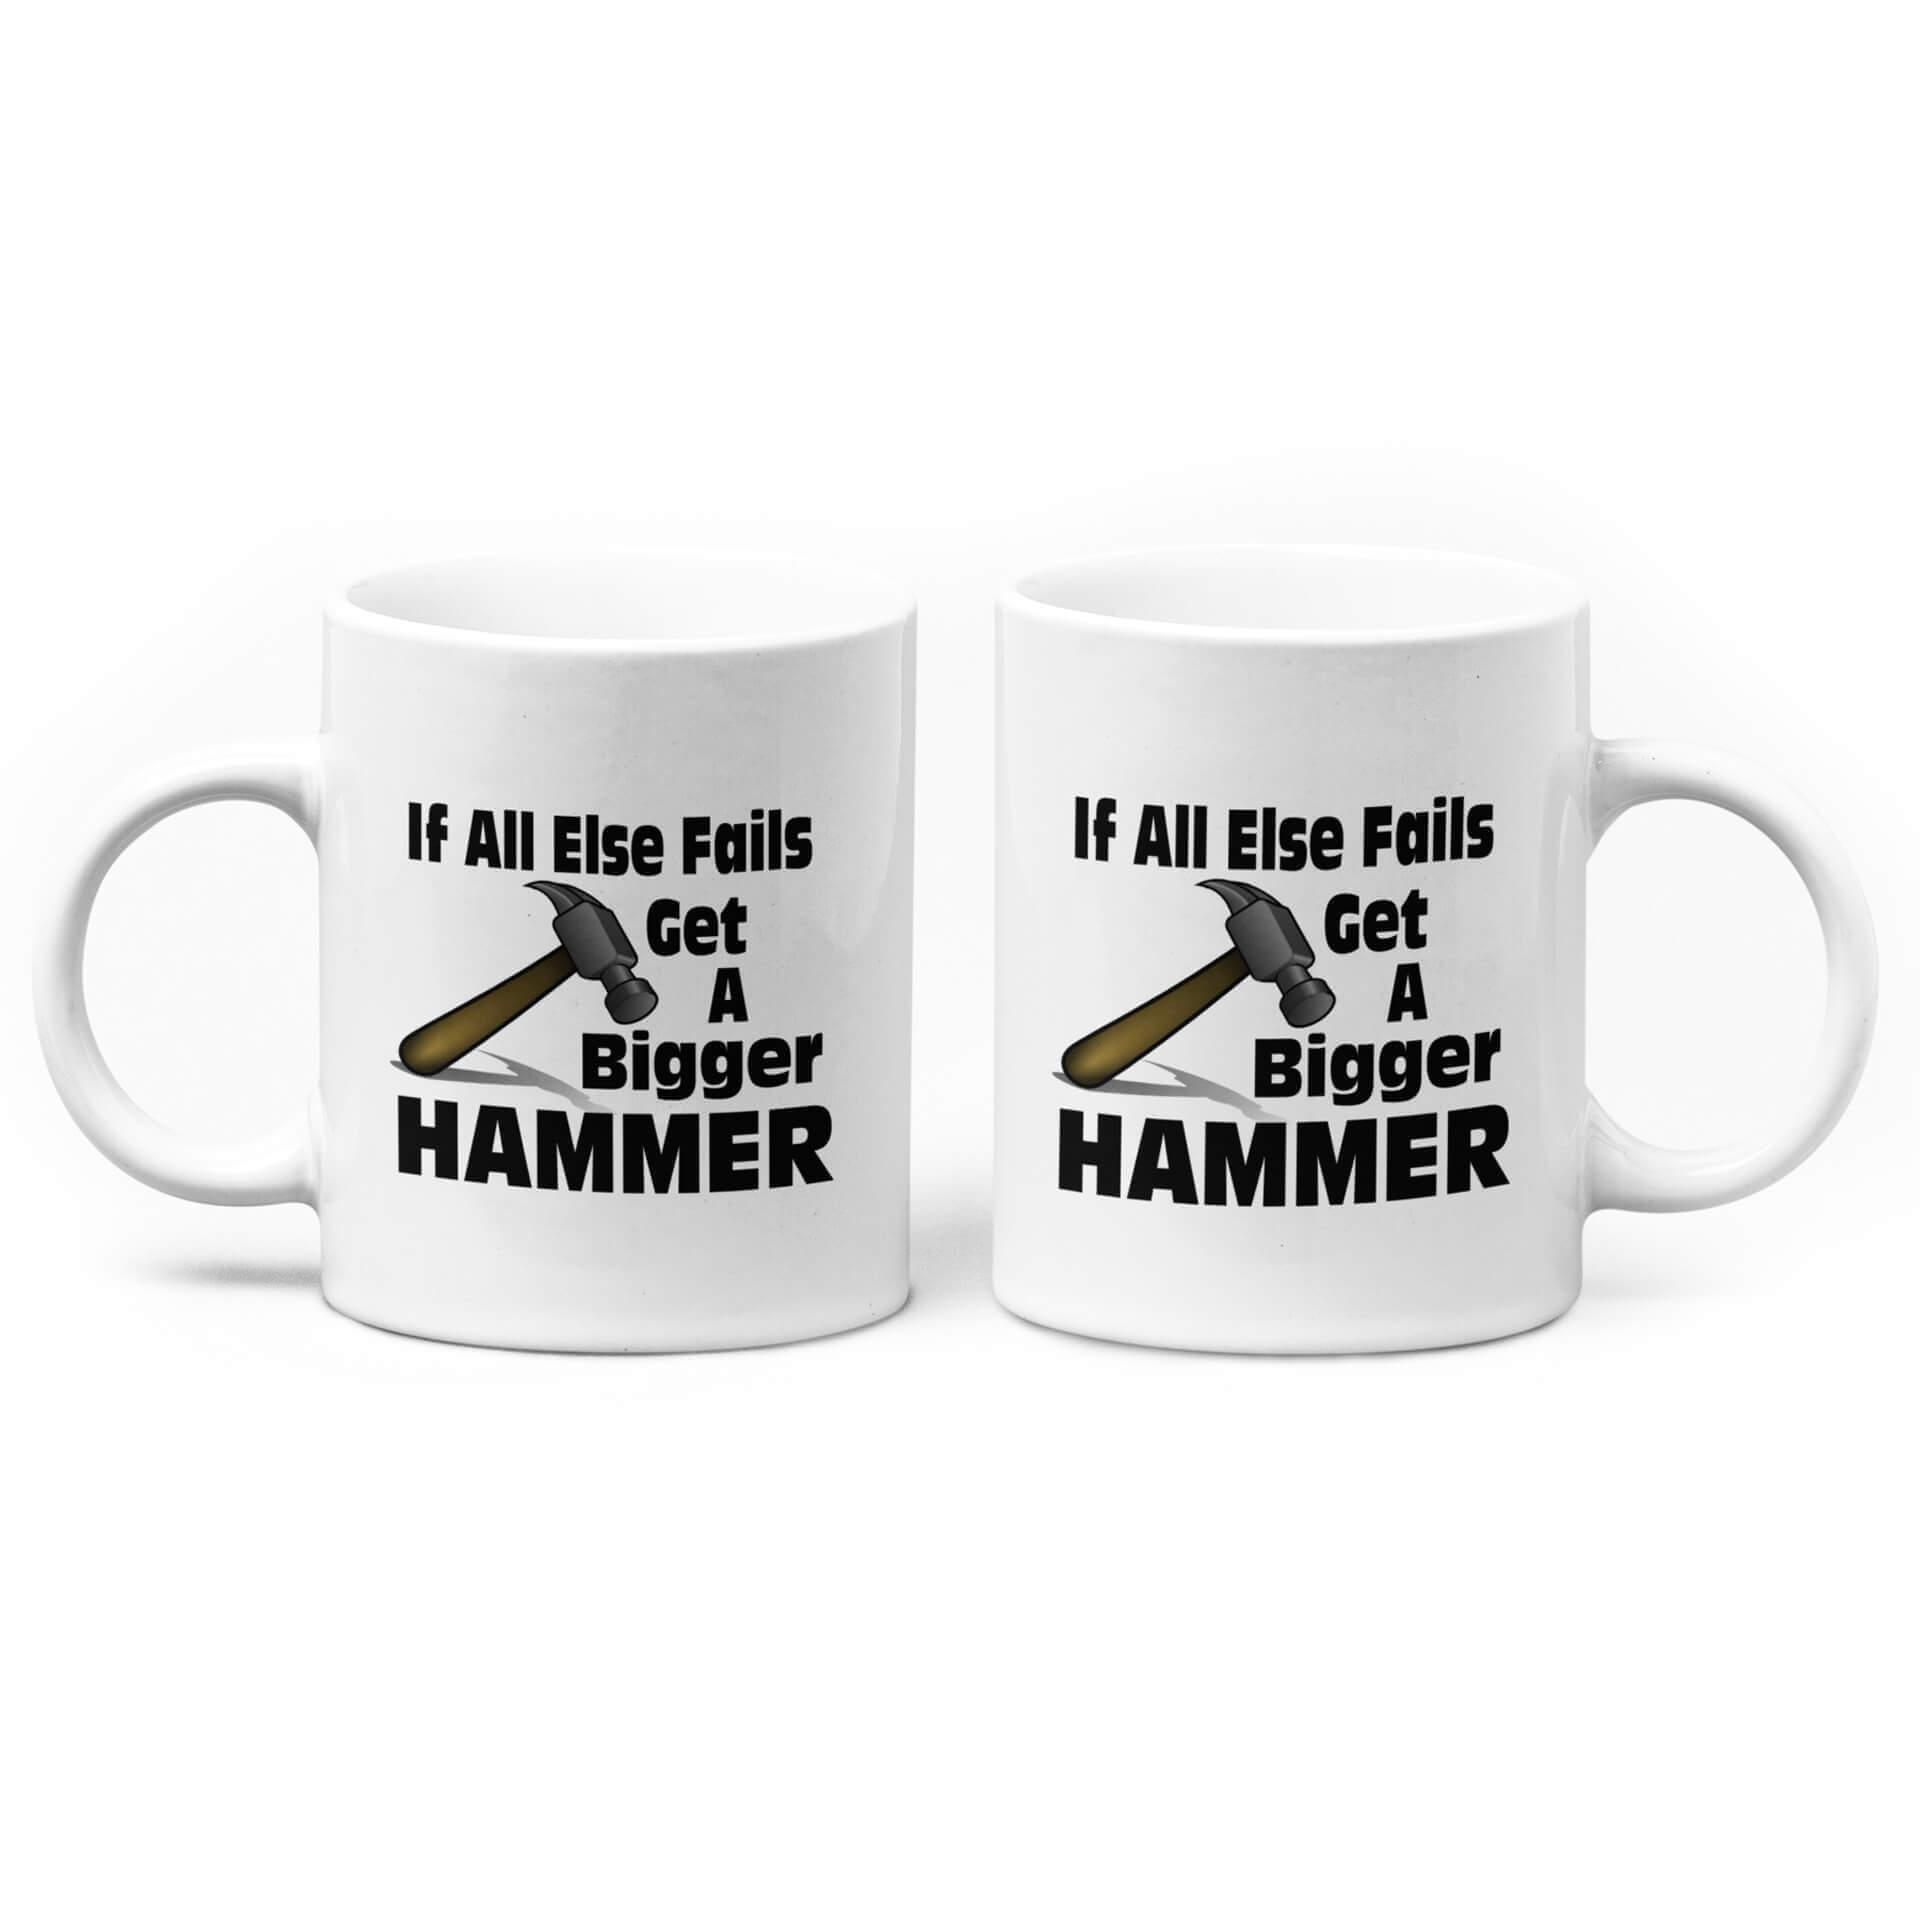 If All Else Fails Get A Bigger Hammer Mug